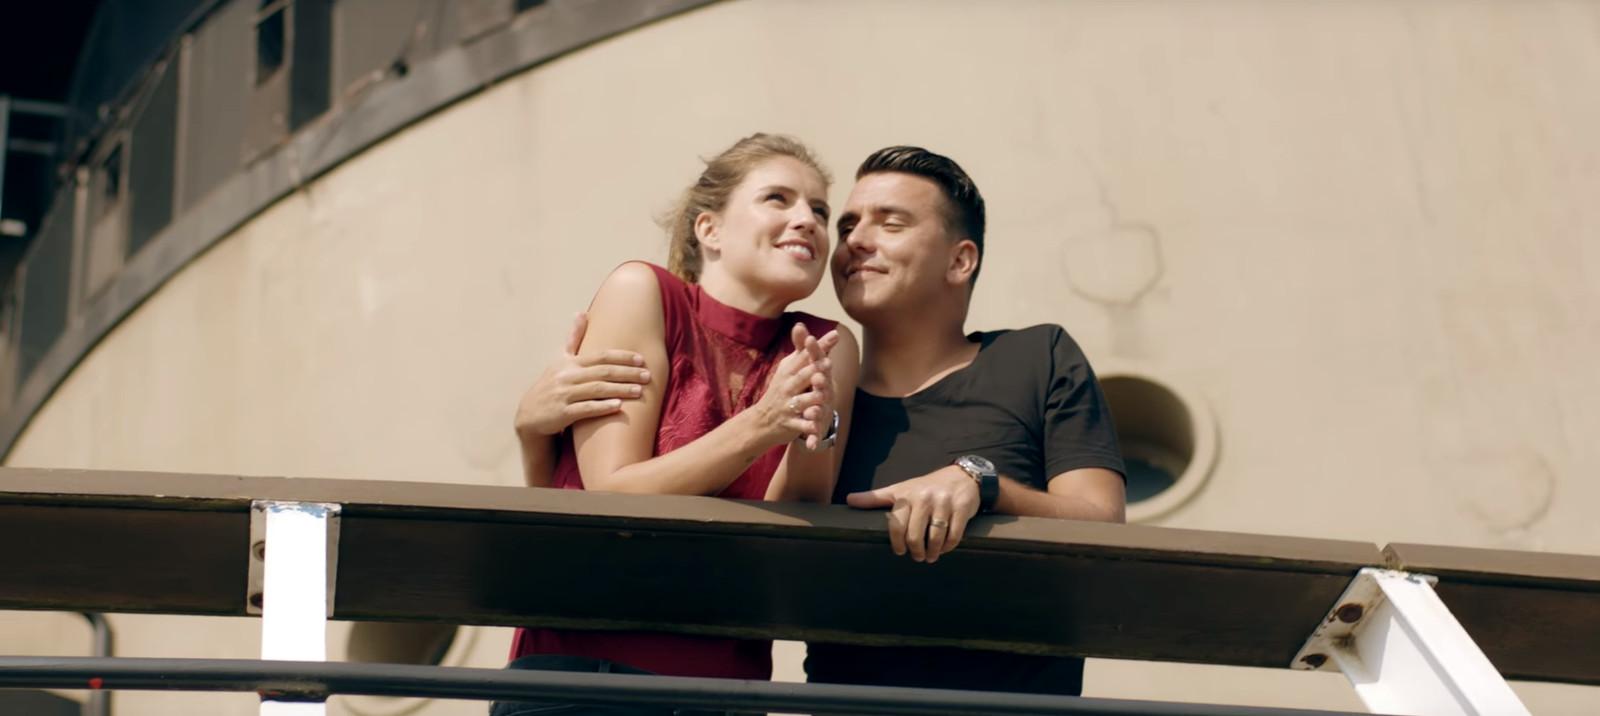 Jan Smit flirt met Marieke Elsinga in nieuwe clip | Foto ...